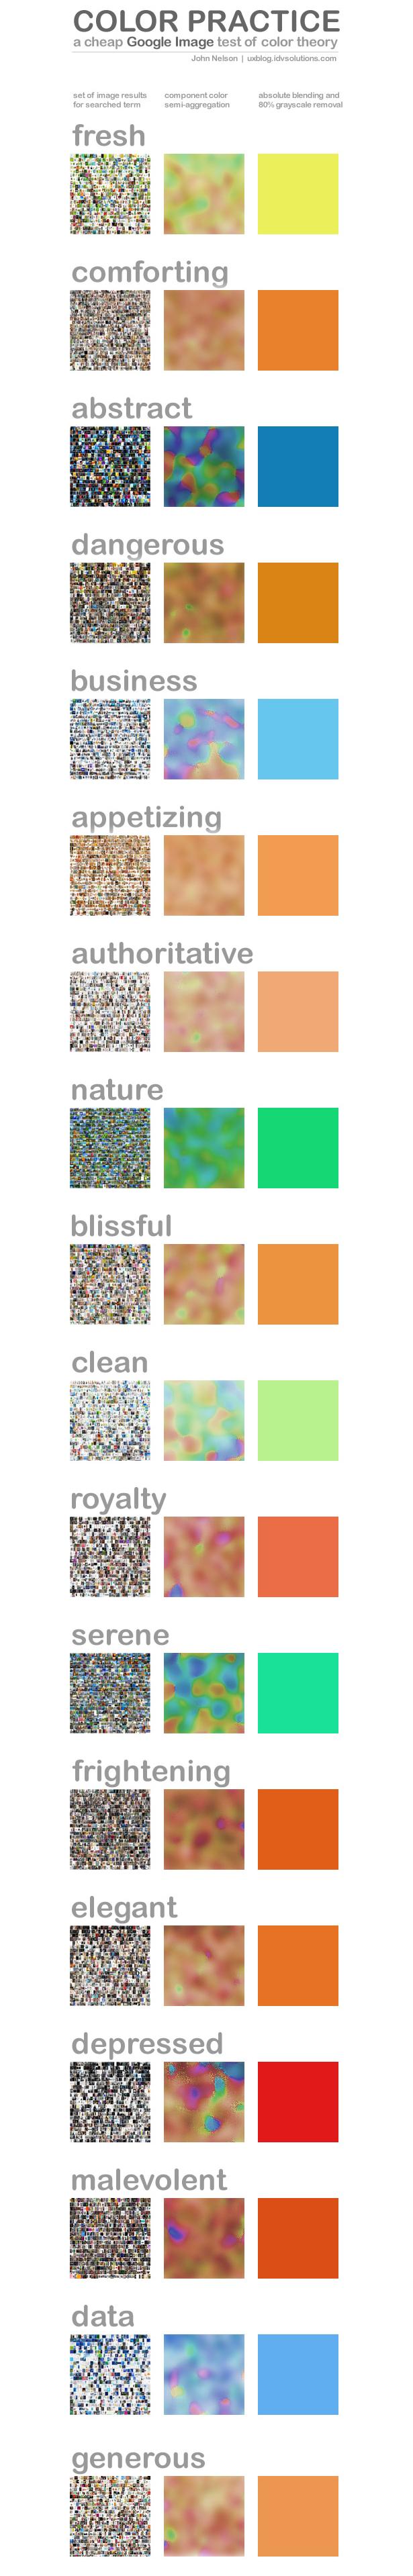 Método interessante para associar conceitos a cores